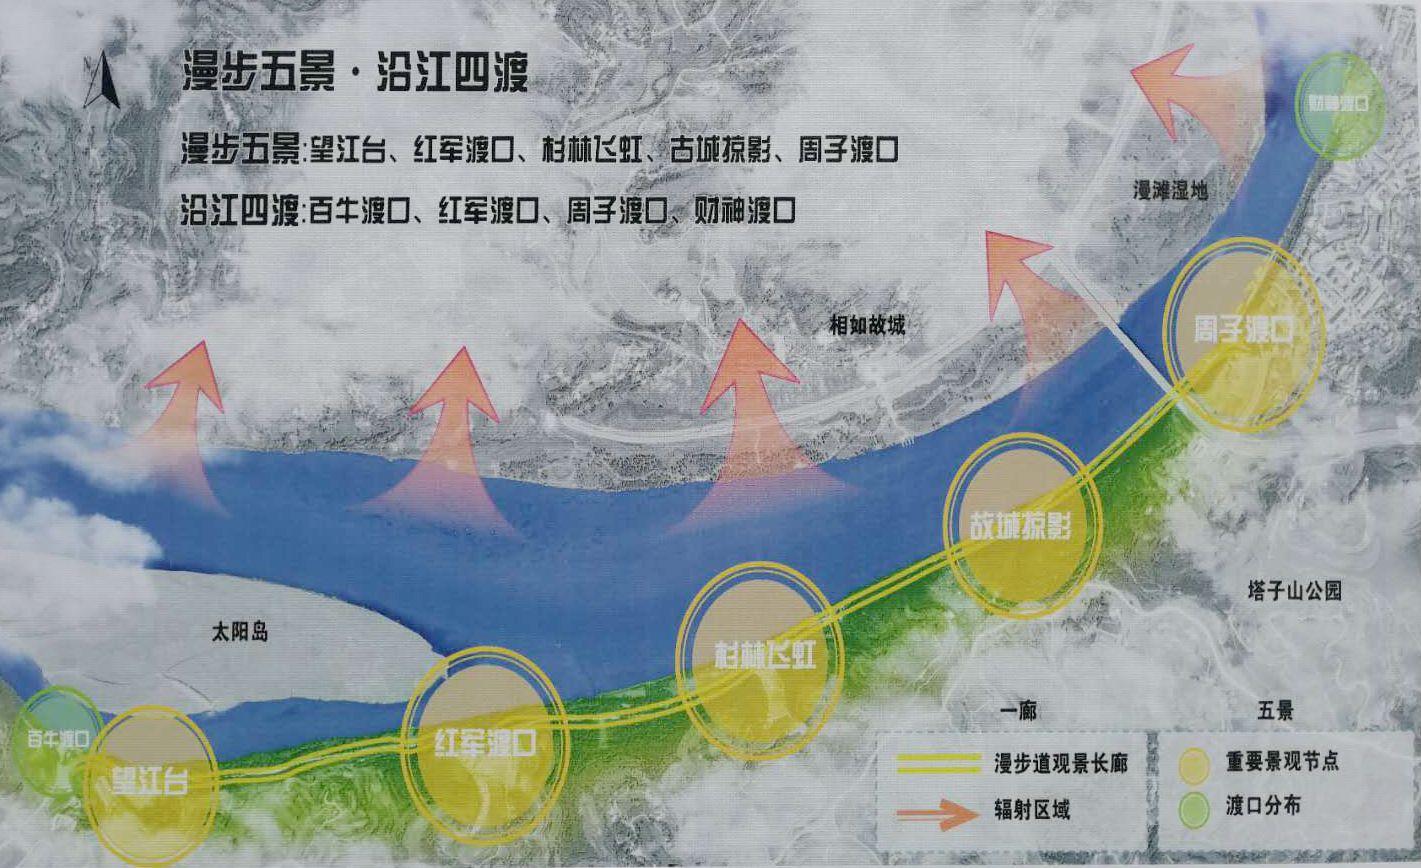 蓬安县嘉陵江滨江生态景观走廊 - 第1张  | 蓬安在线